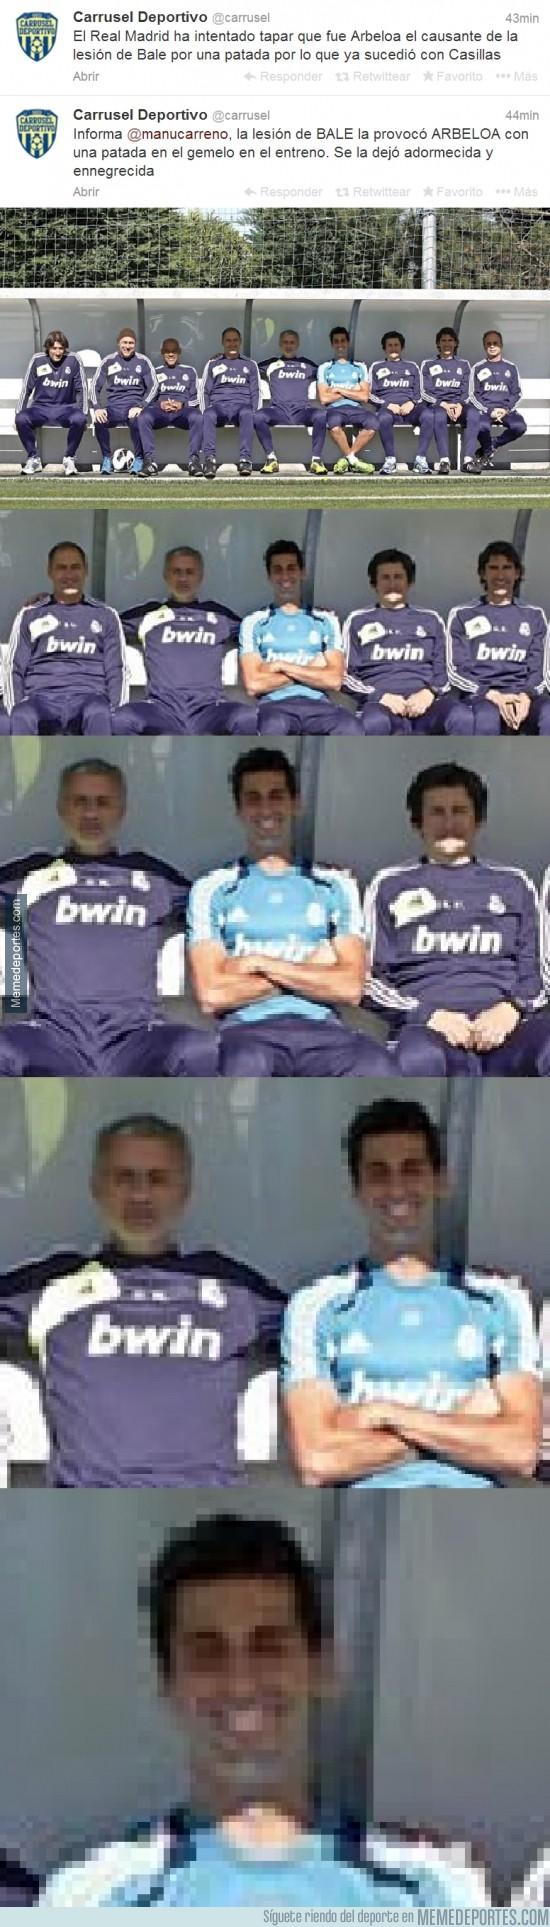 241681 - Arbeloa fue el causante de la lesión de Bale